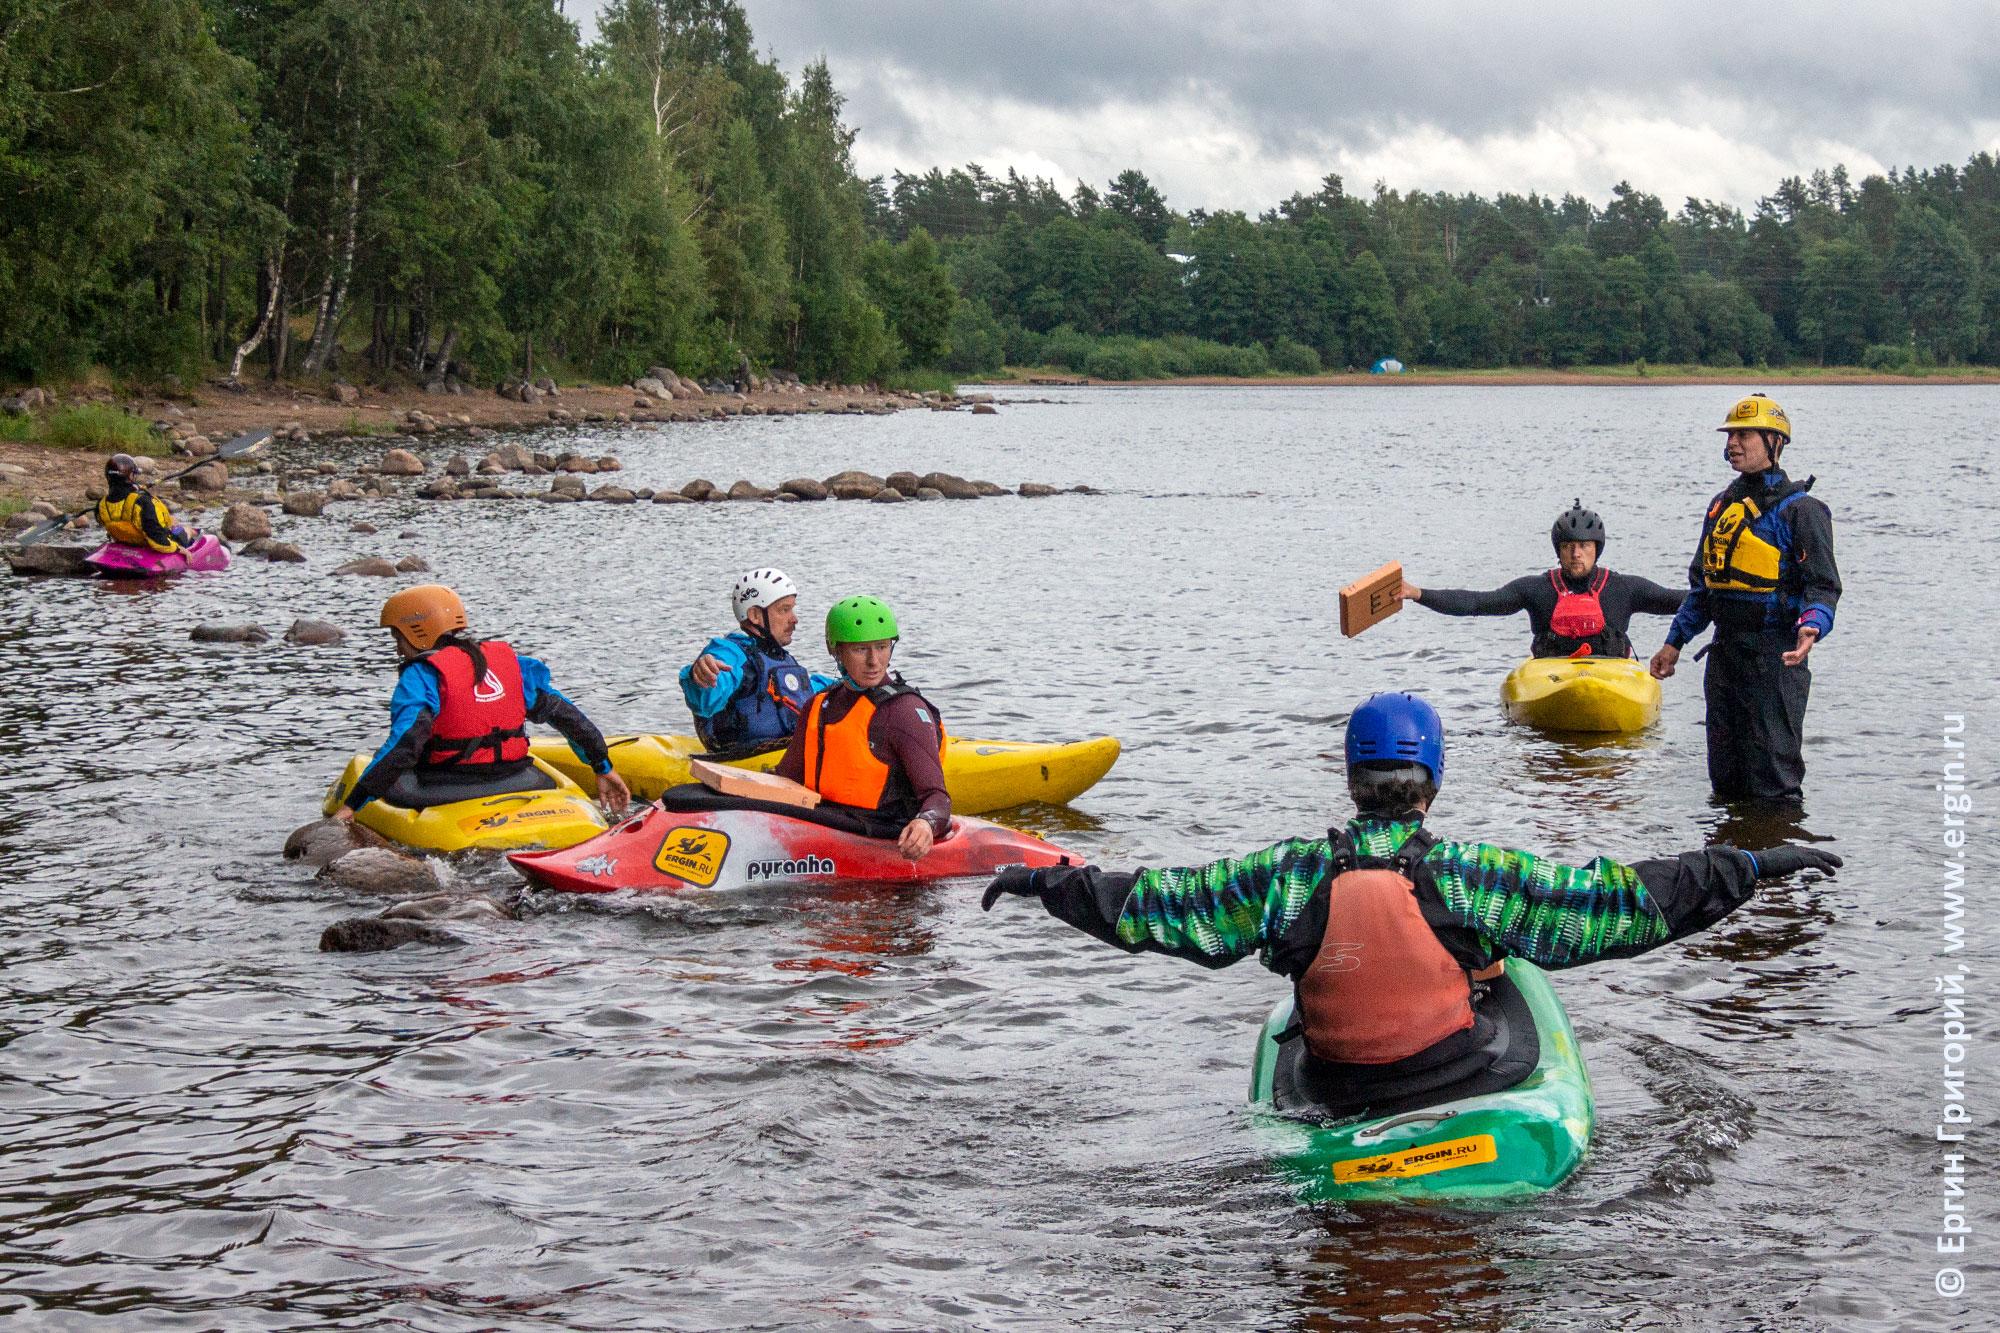 Первый выход на воду начинающих каякеров - изучаем эскимосский переворот